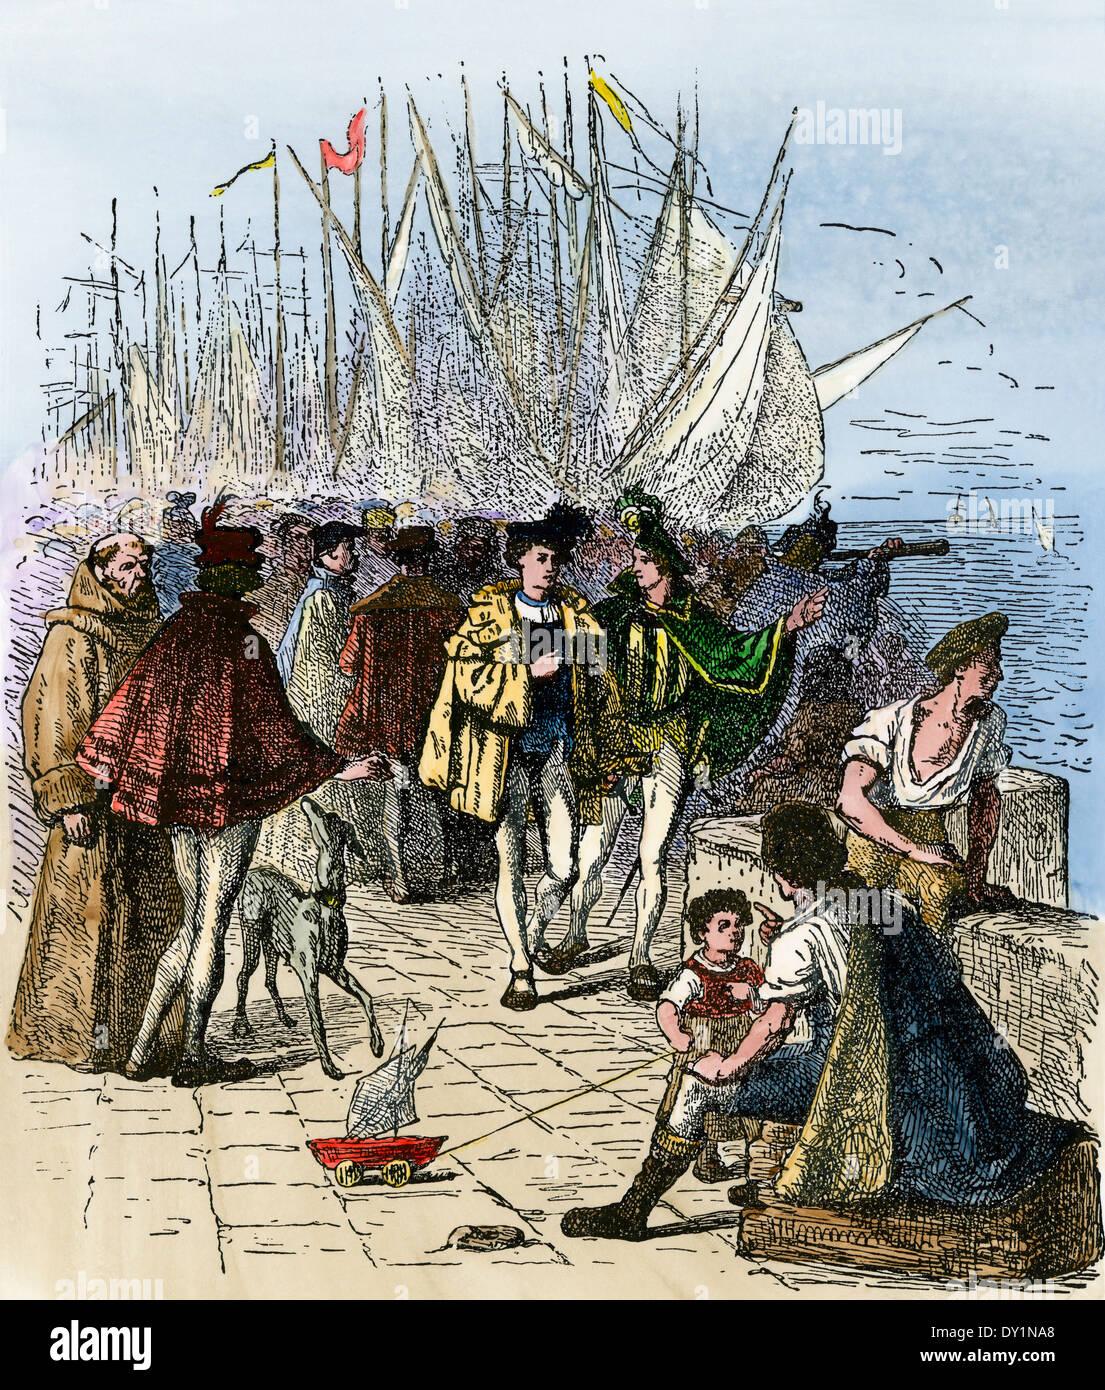 Besetzt Lissabon Waterfront im Zeitalter der Entdeckung, circa 1470. Hand - farbige Holzschnitt Stockbild